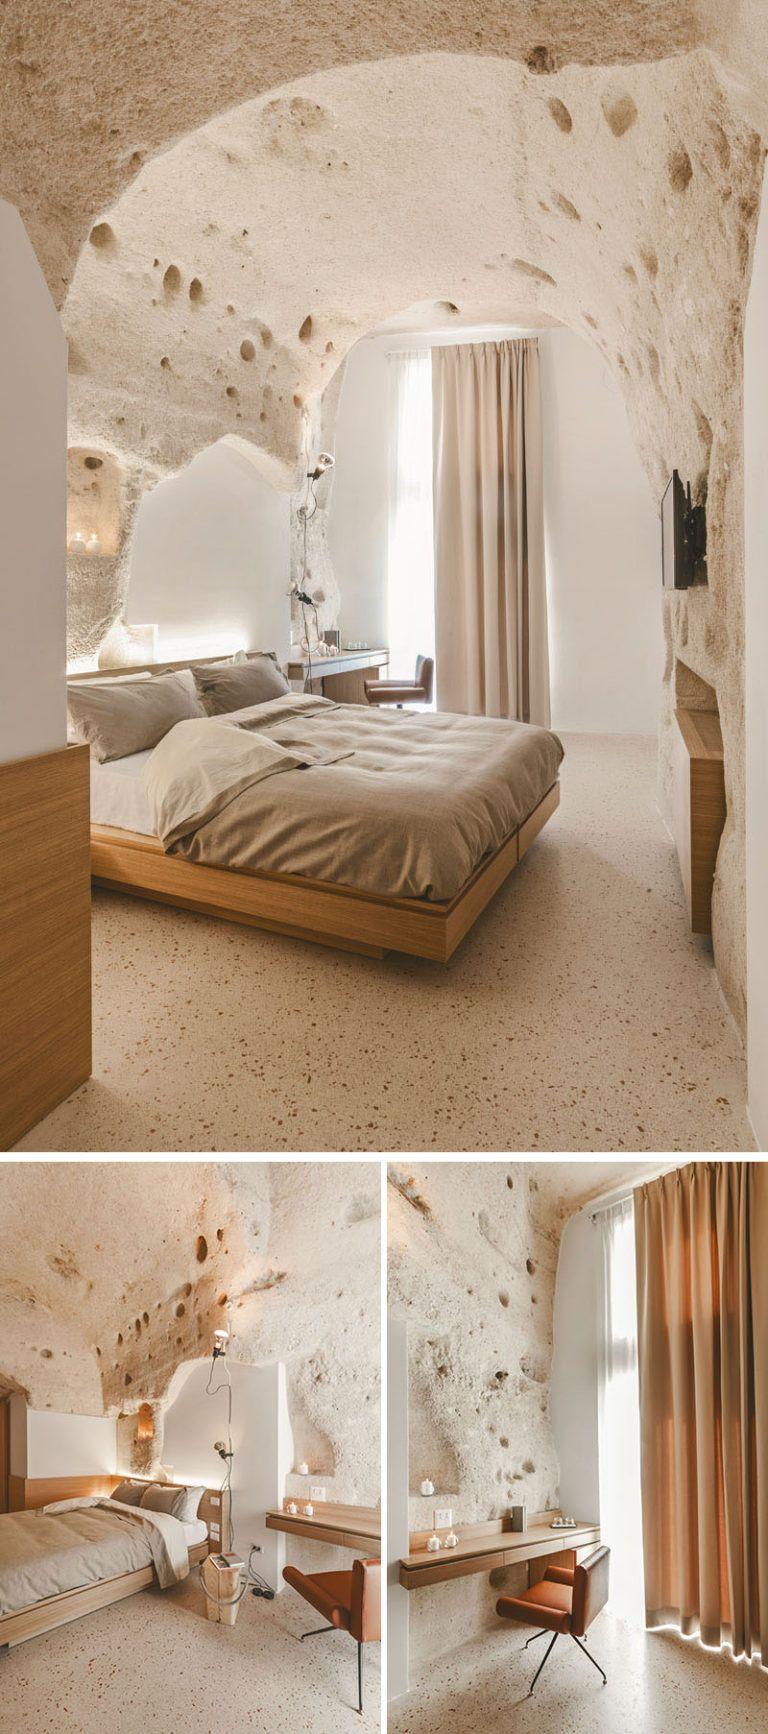 La dimora di metello a hotel in matera italy combines historic cave dwellings with contemporary design